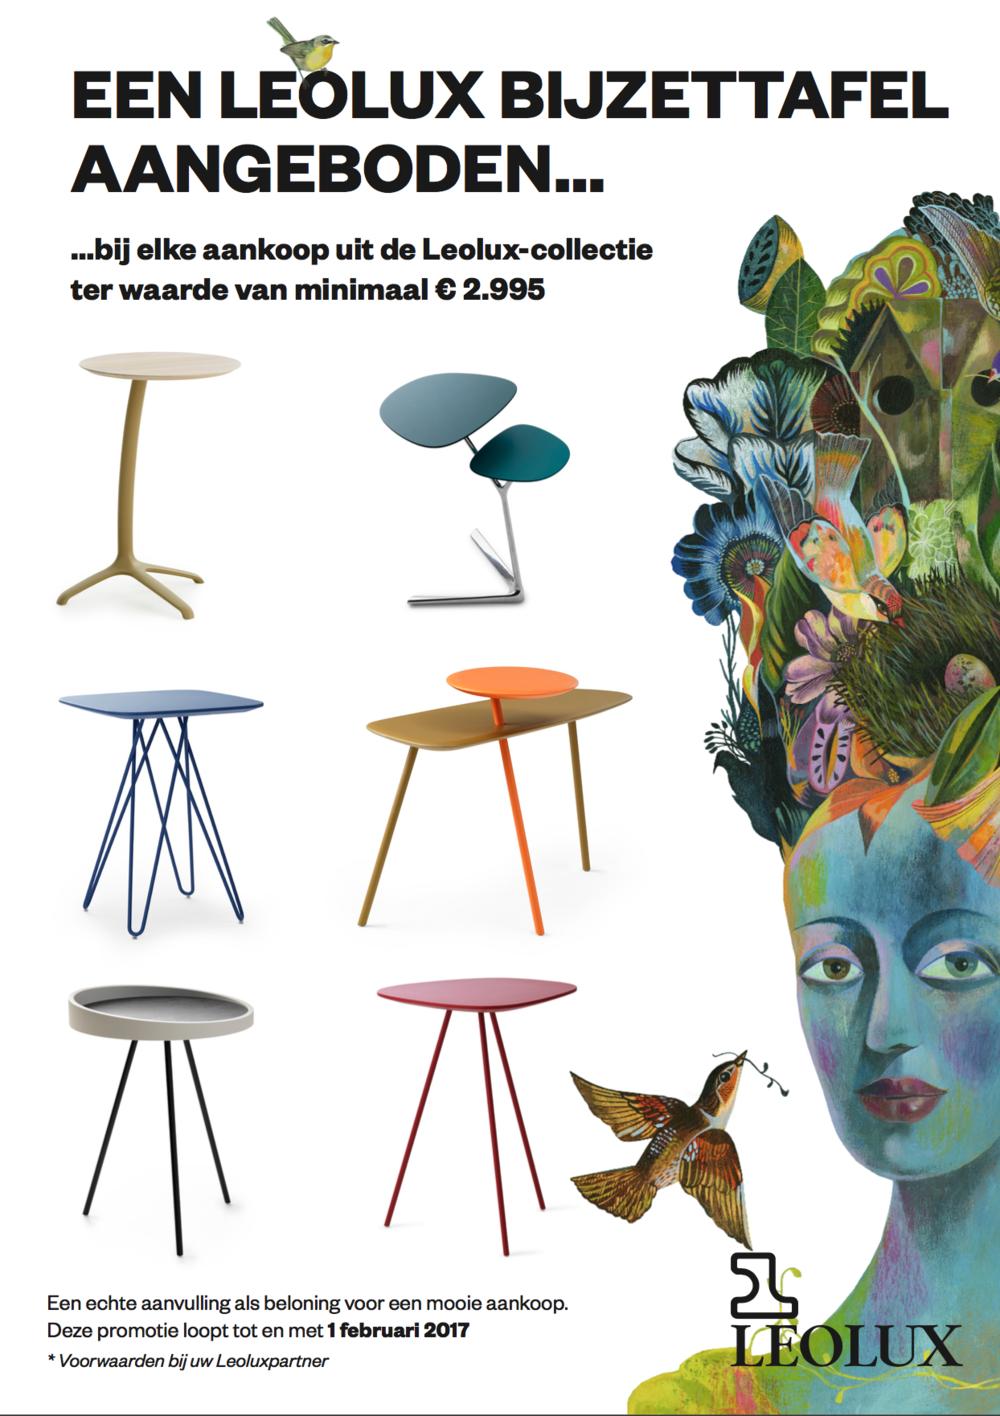 Leolux eindejaars aktie actie loncin design meubelwinkel België-vlaams.png